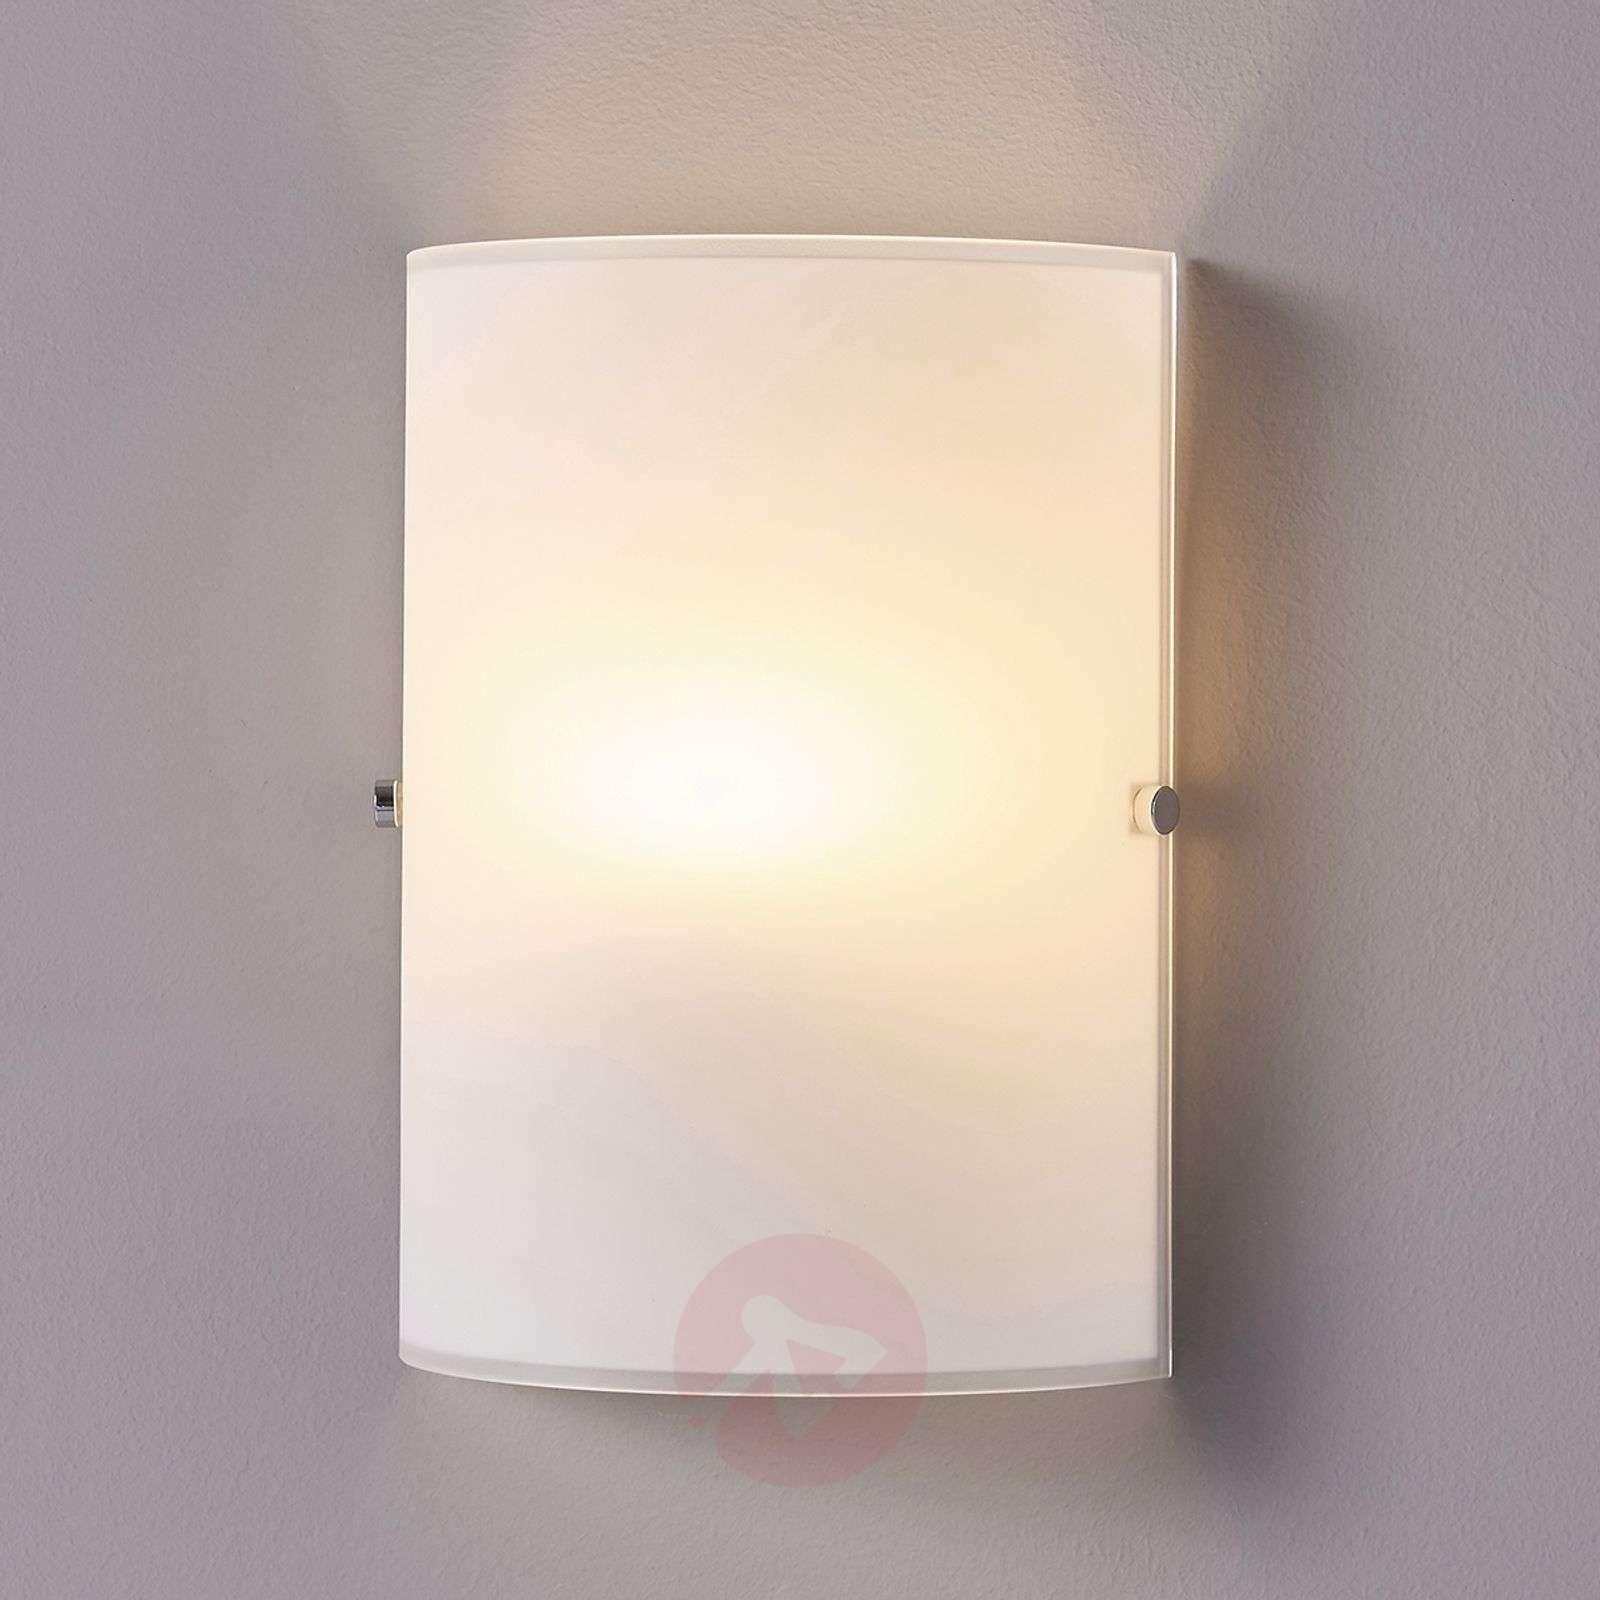 Pelkistetty seinävalaisin Giulia huurrelasia-9620889-011